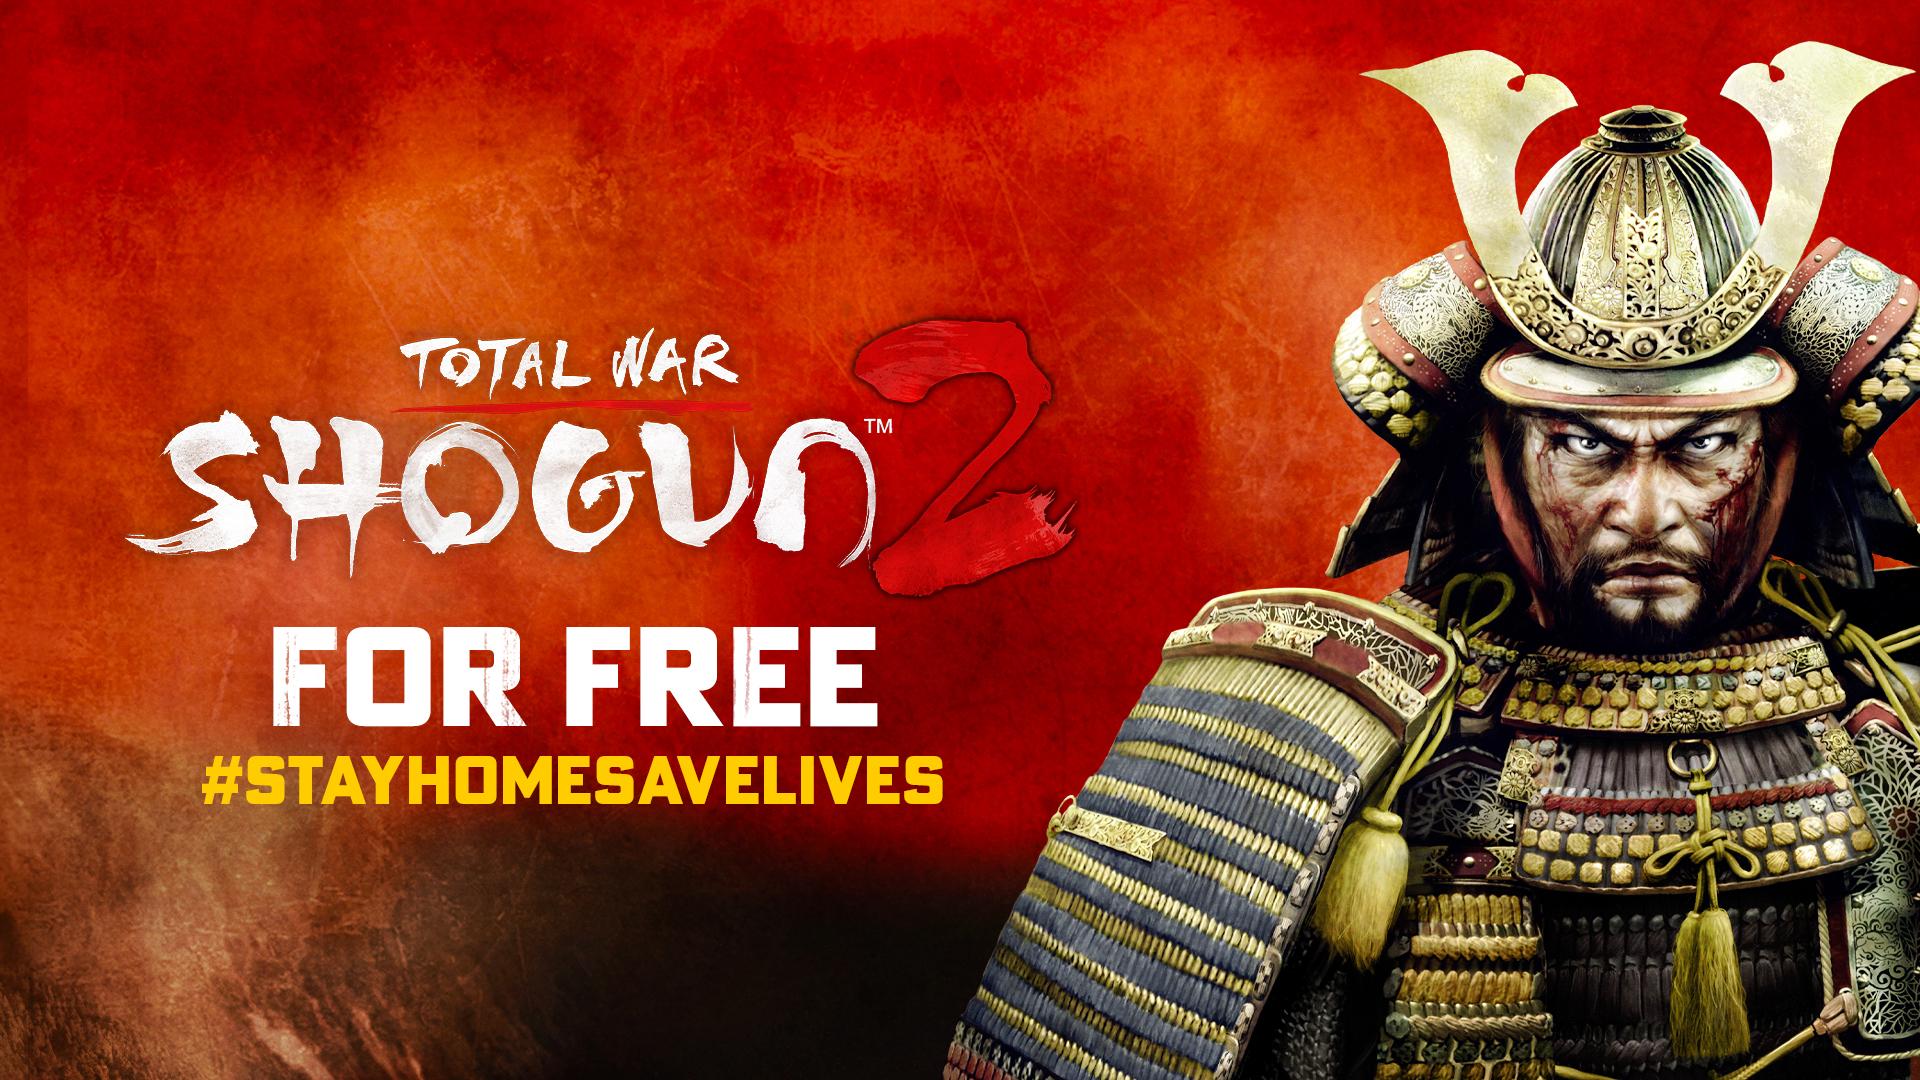 Total War: SHOGUN 2 - Last chance to get SHOGUN 2 for free! - Steam News